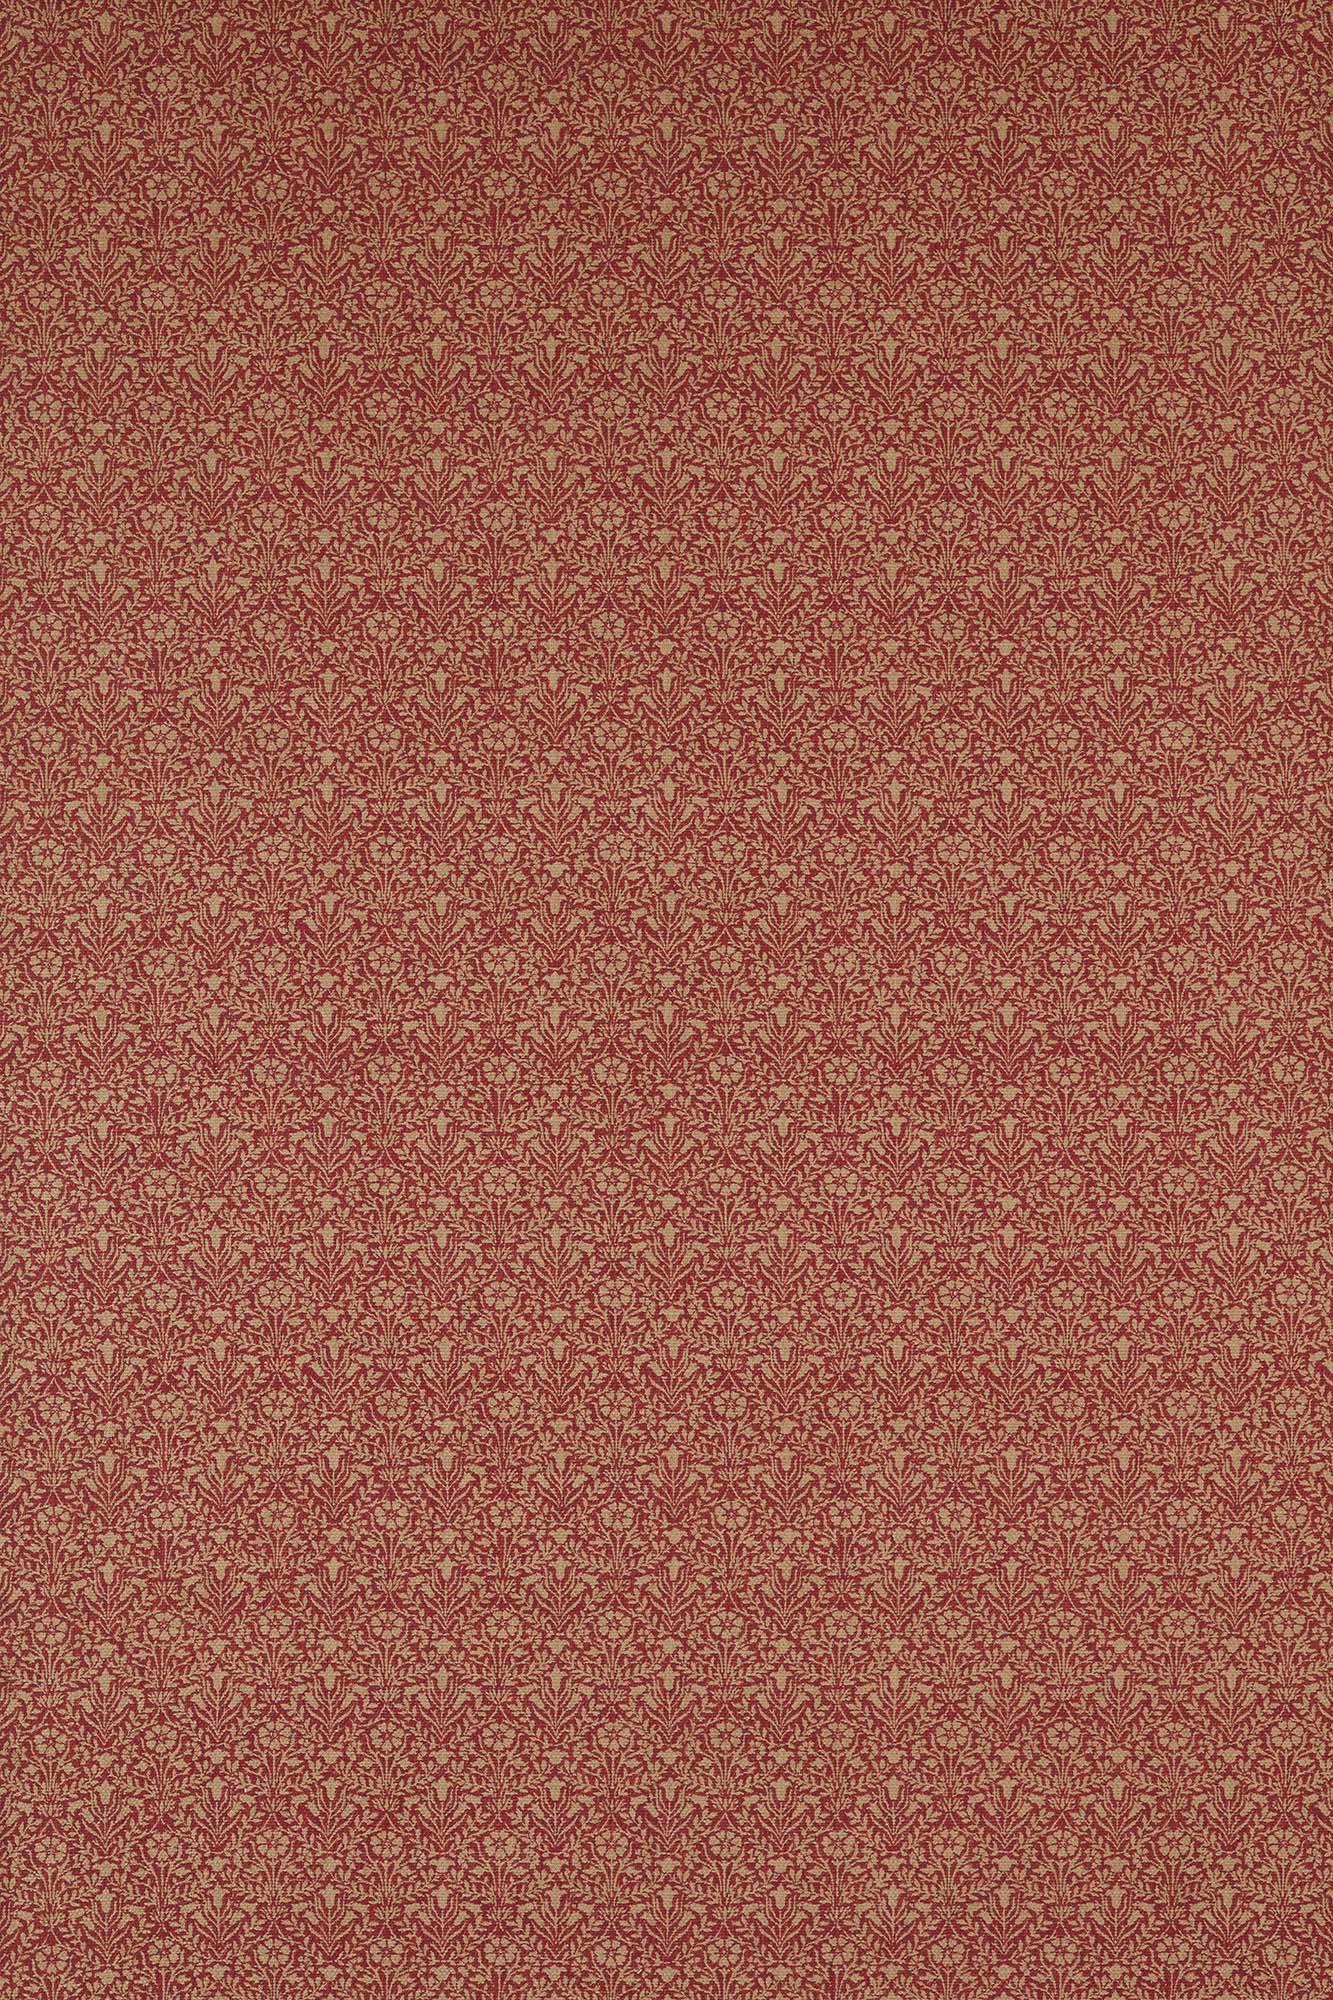 ウィリアムモリス生地 Bellflowers Weave 236527